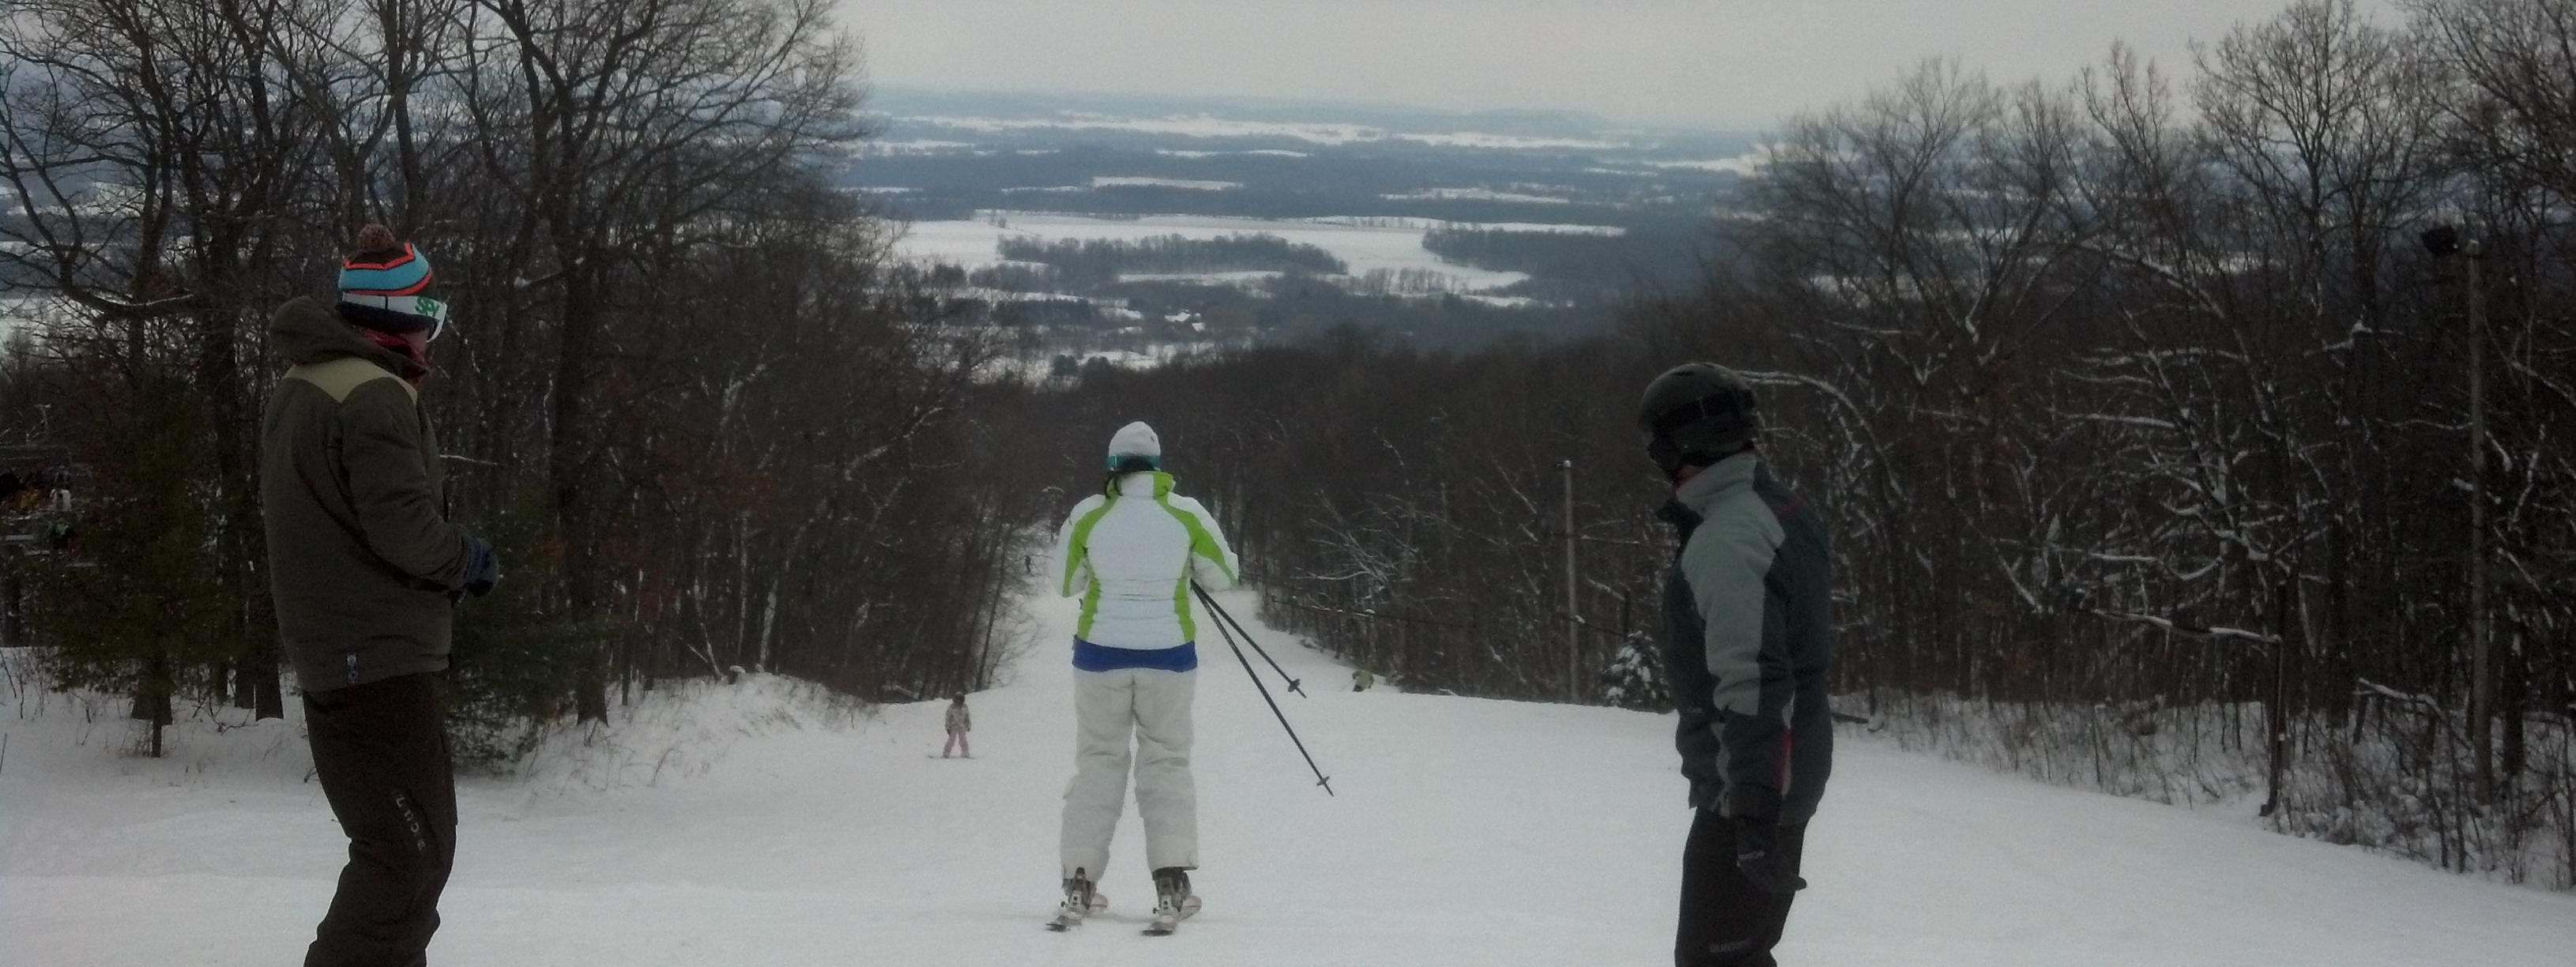 Devils head ski resort coupons